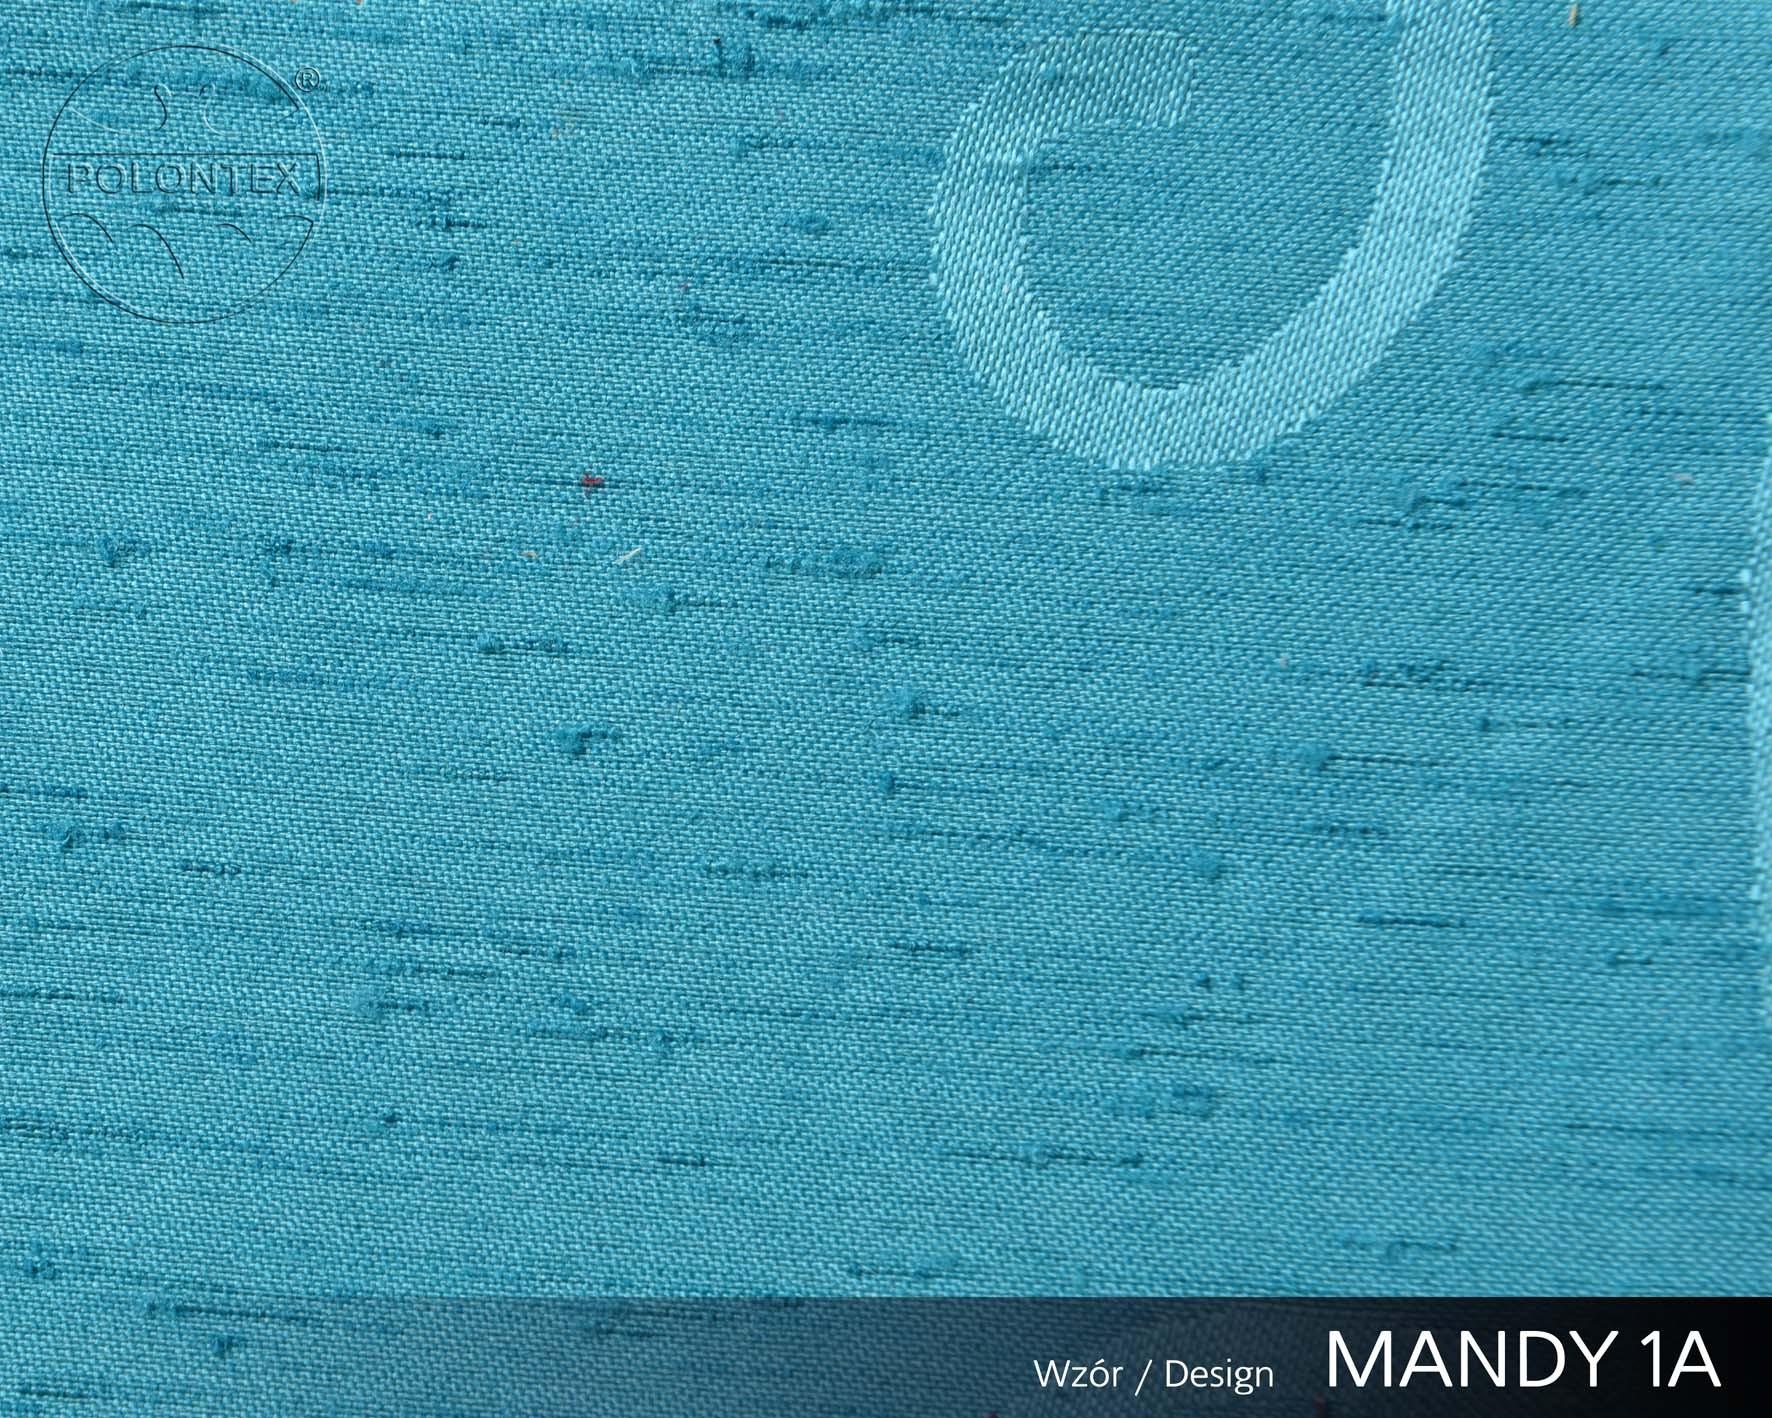 MANDY 1A 5304